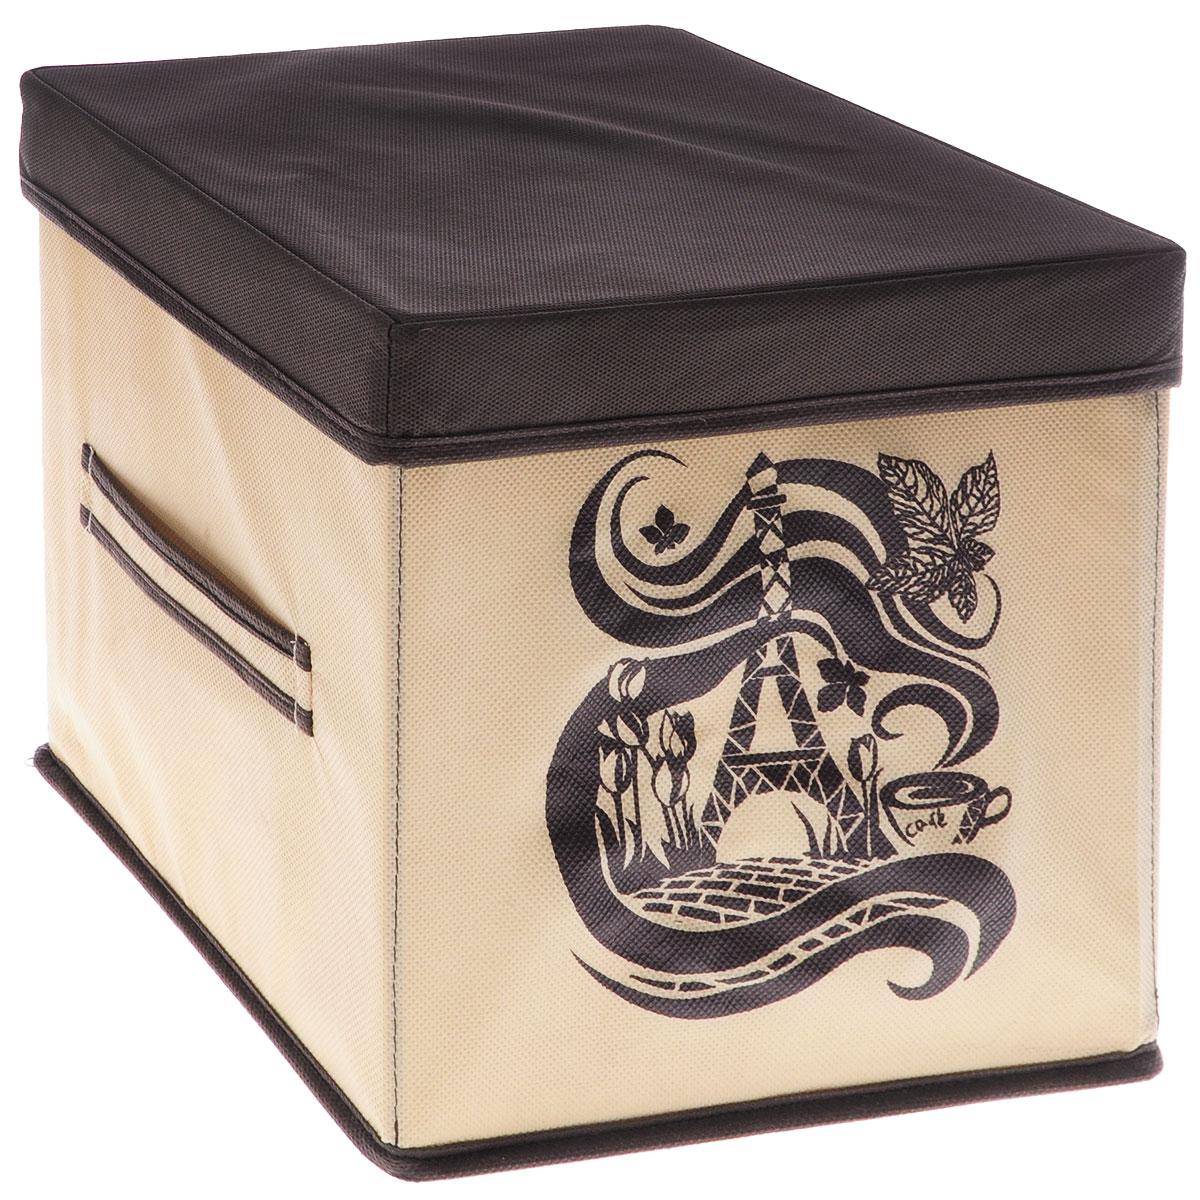 Коробка для вещей Все на местах Париж, с крышкой, цвет: коричневый, бежевый, 25 х 25 х 25 смБрелок для ключейКоробка с крышкой Все на местах выполнена из высококачественного нетканого материала, который обеспечивает естественную вентиляцию и предназначен для хранения вещей или игрушек. Он защитит вещи от повреждений, пыли, влаги и загрязнений во время хранения и транспортировки. Размер коробки: 25 х 25 х 25 см.